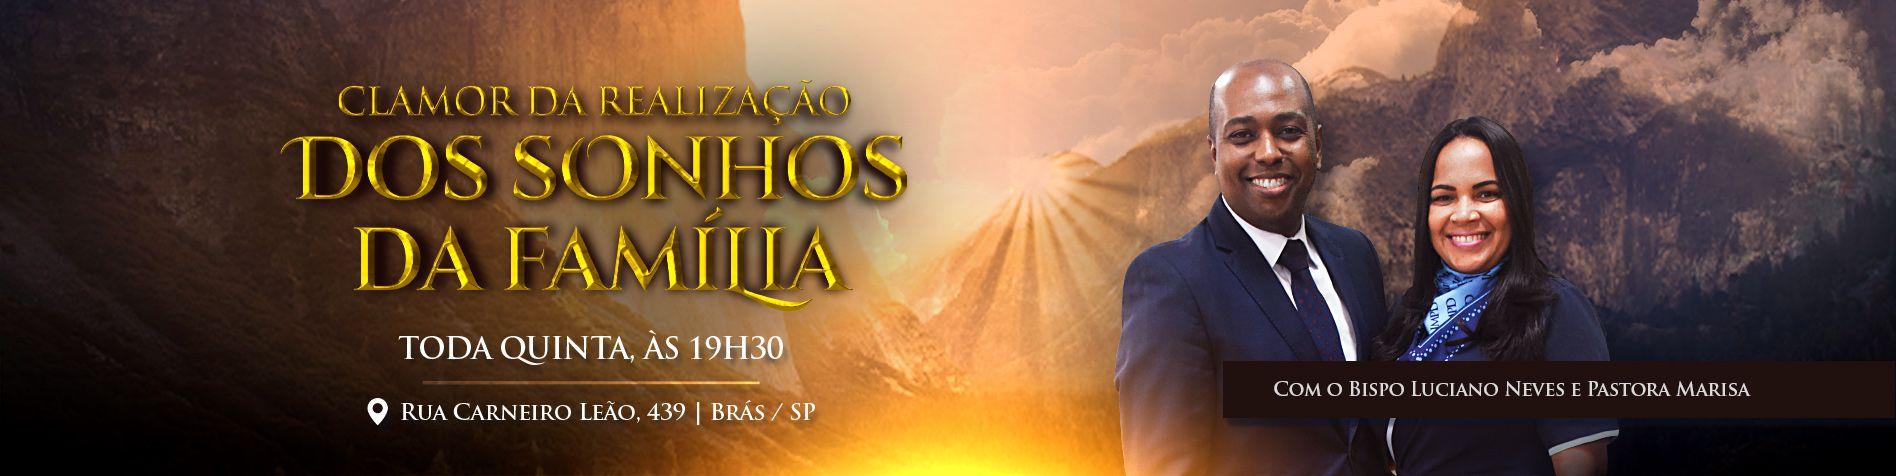 Clamor da Realização dos Sonhos // Bp. Luciano Neves